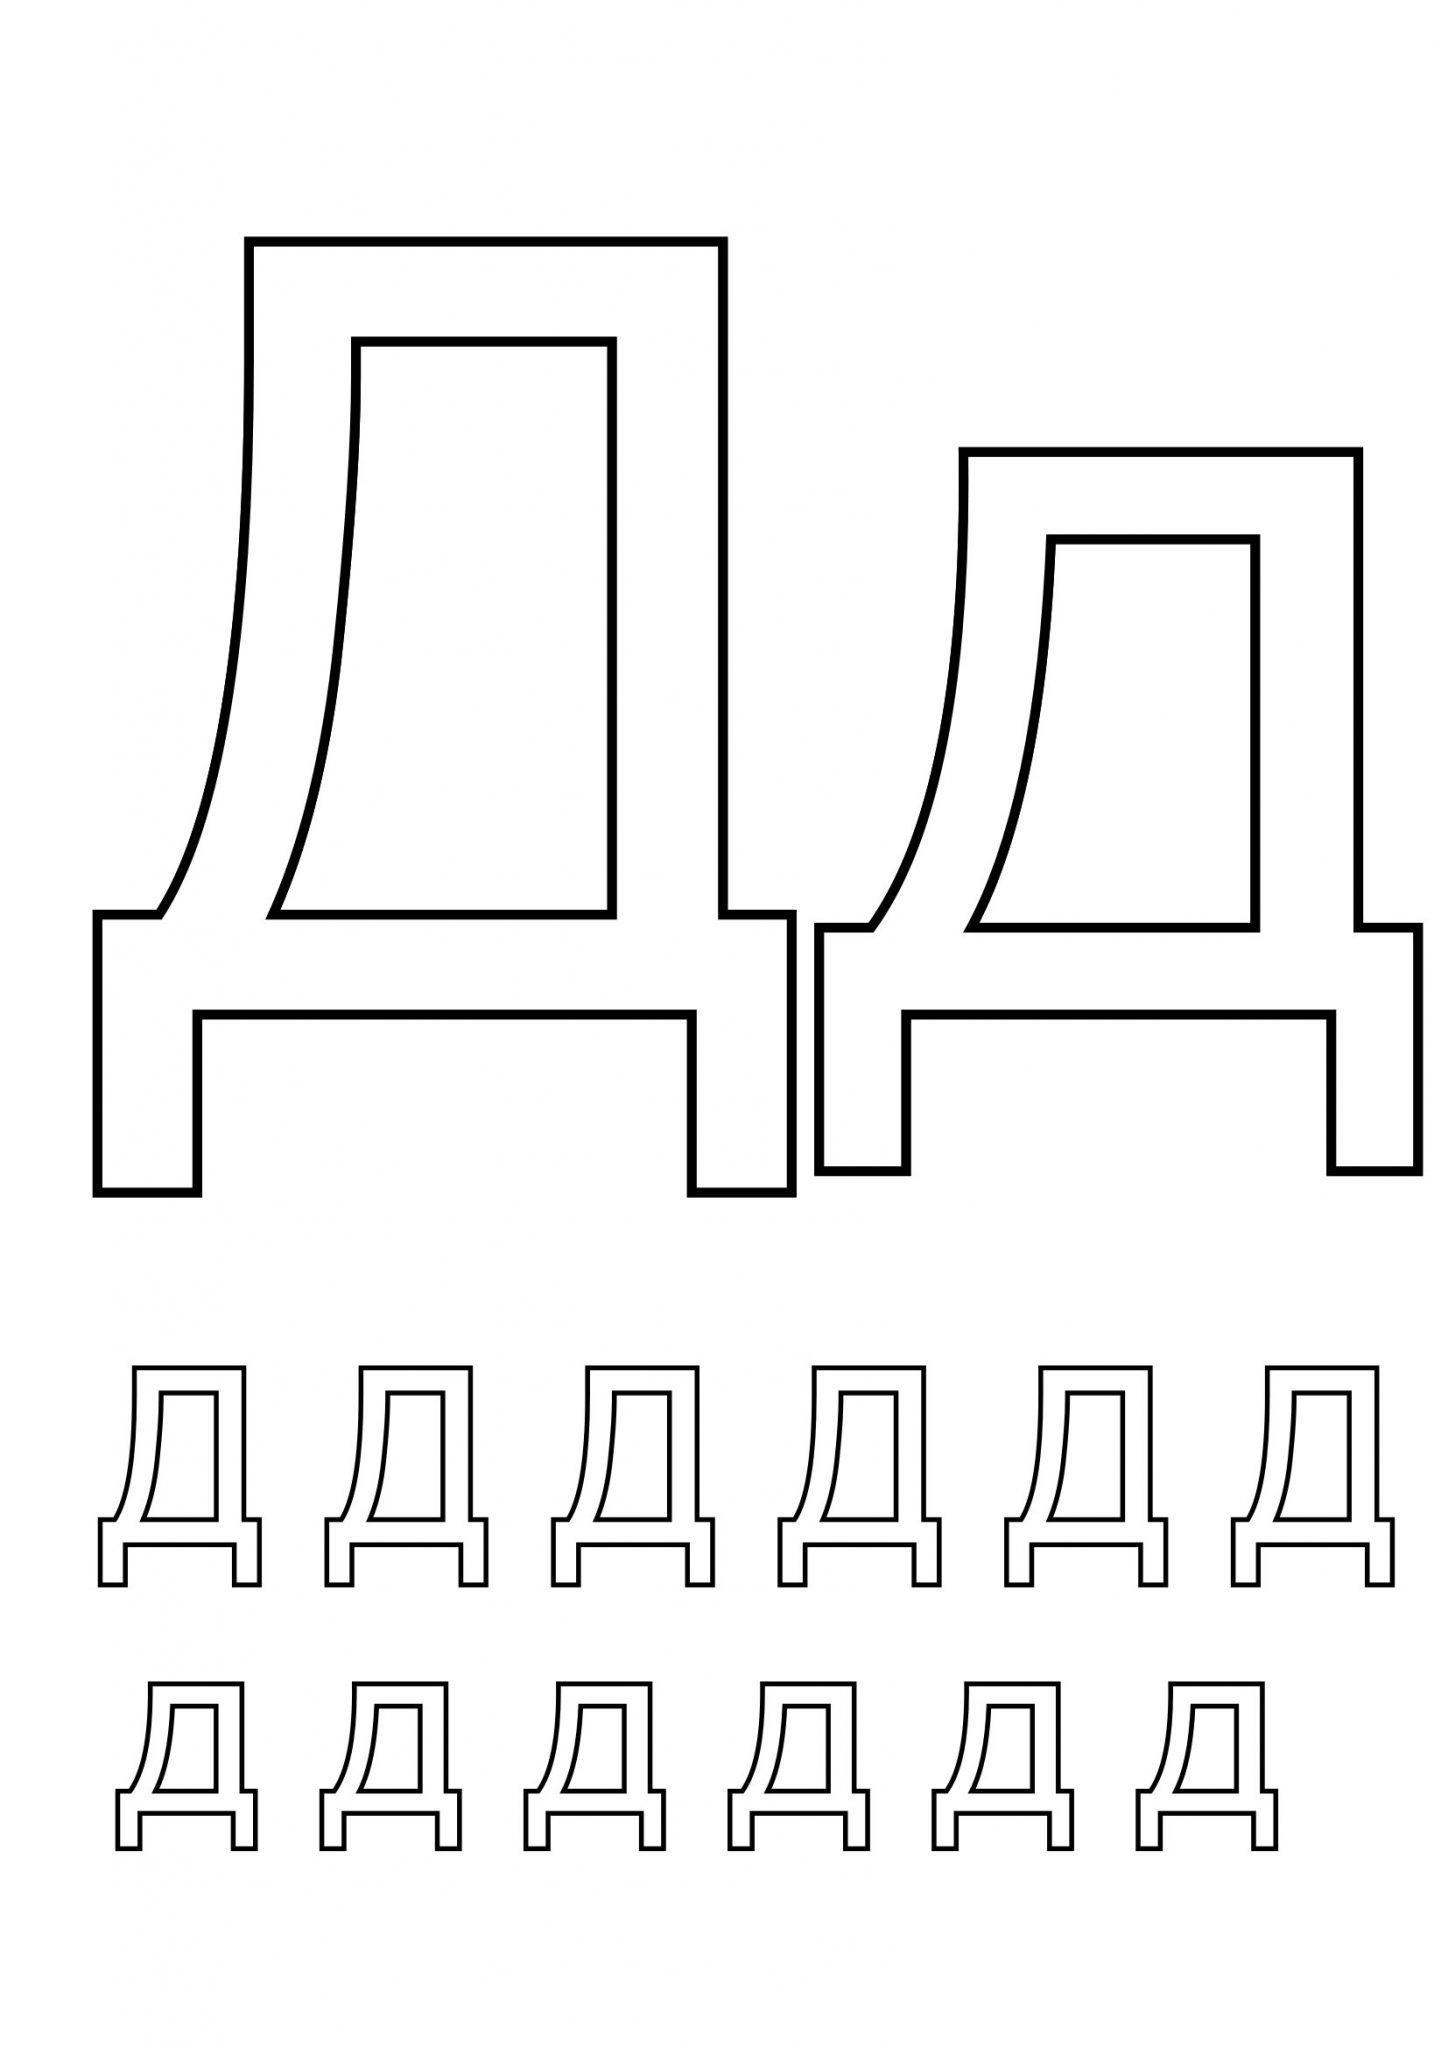 раскраска буква д для детей распечатать